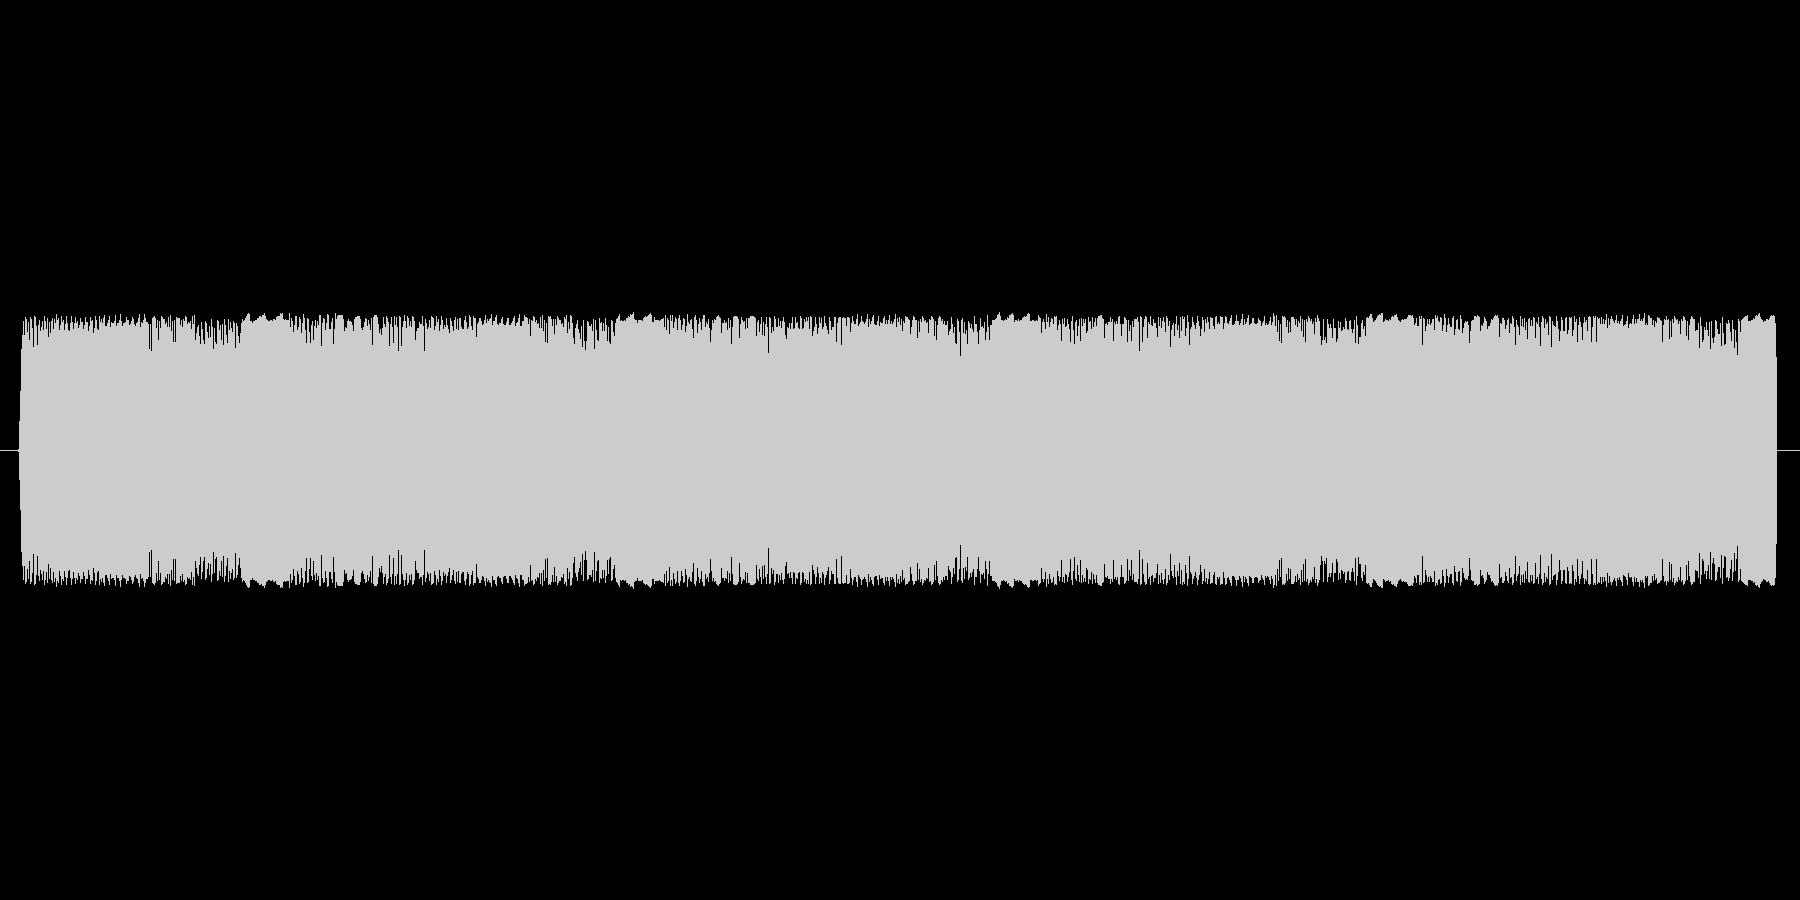 【電子音、アナログ】アラーム音の未再生の波形